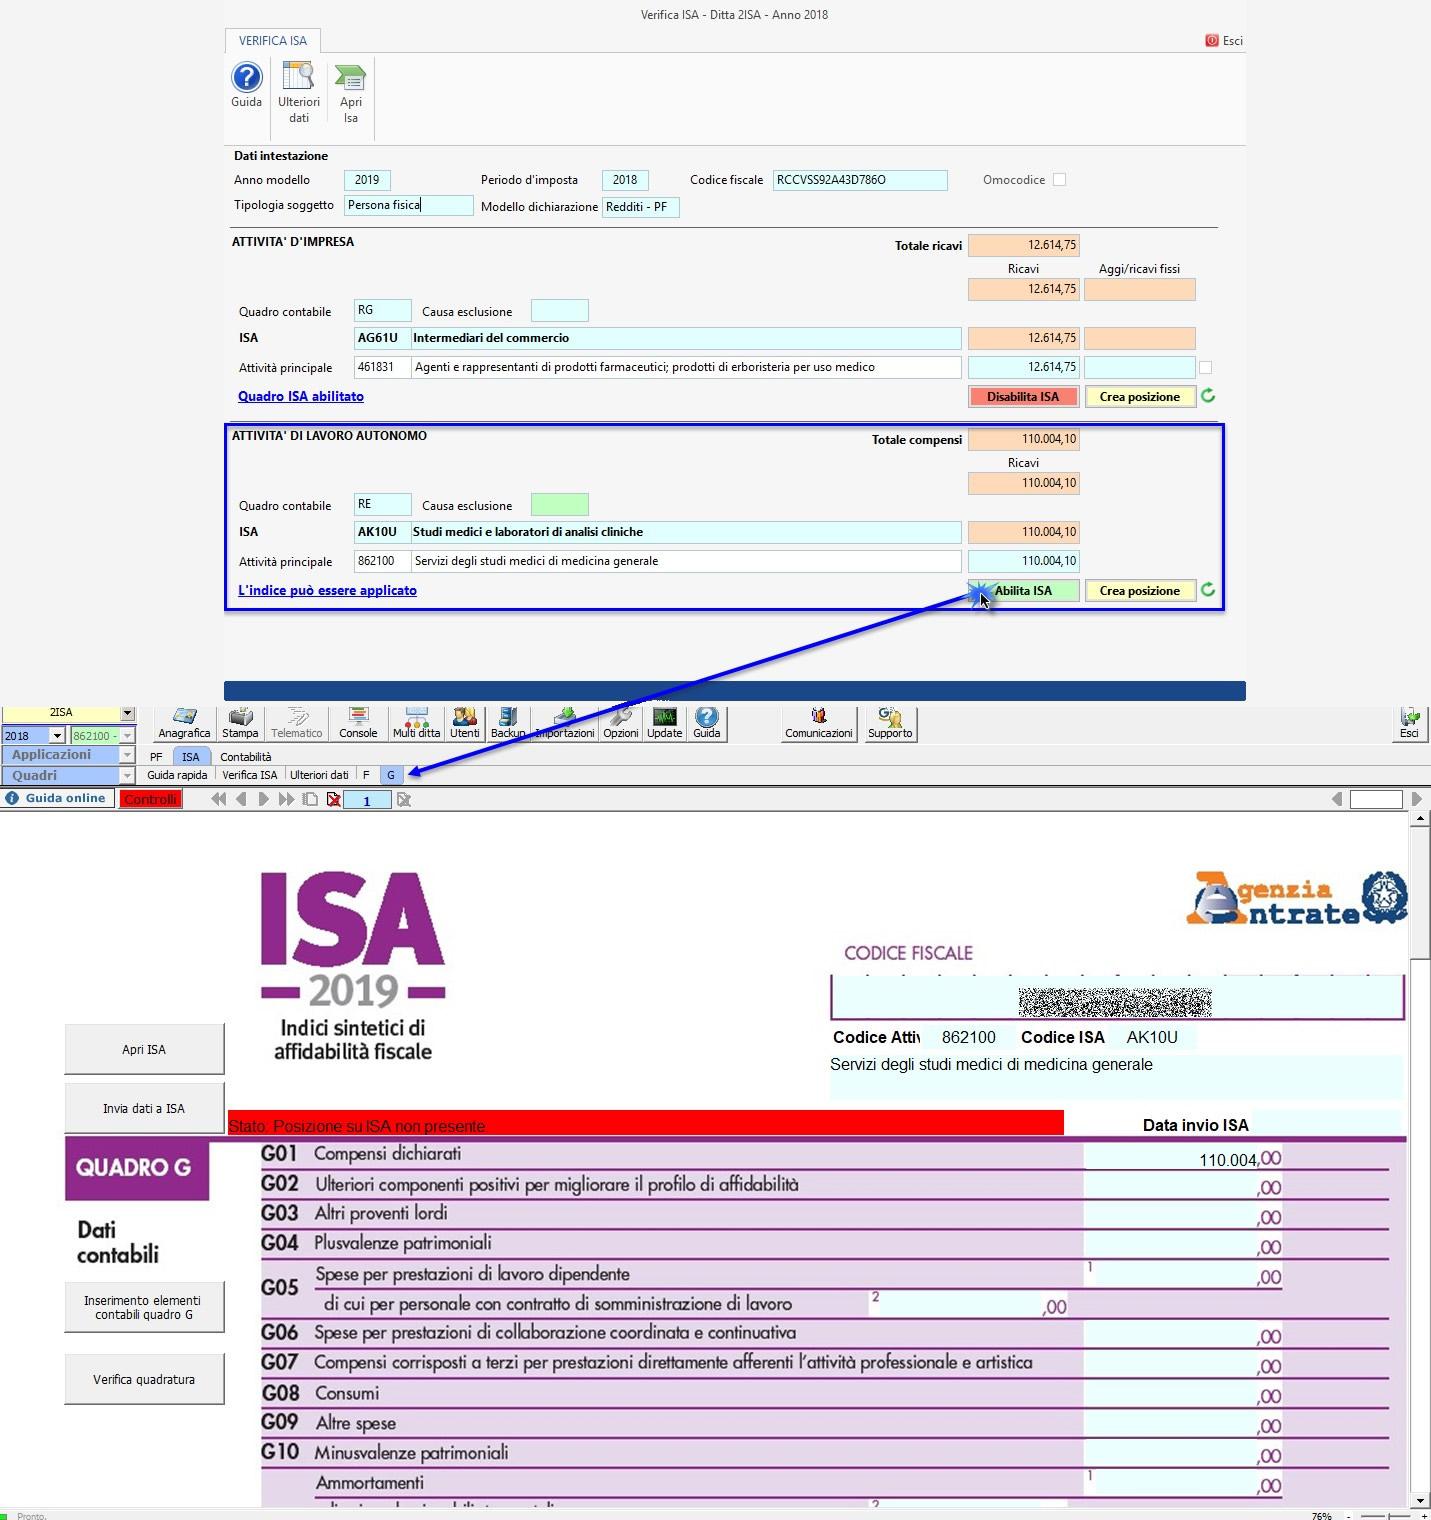 ISA 2019: gestione di due Indici di affidabilità fiscale - 3